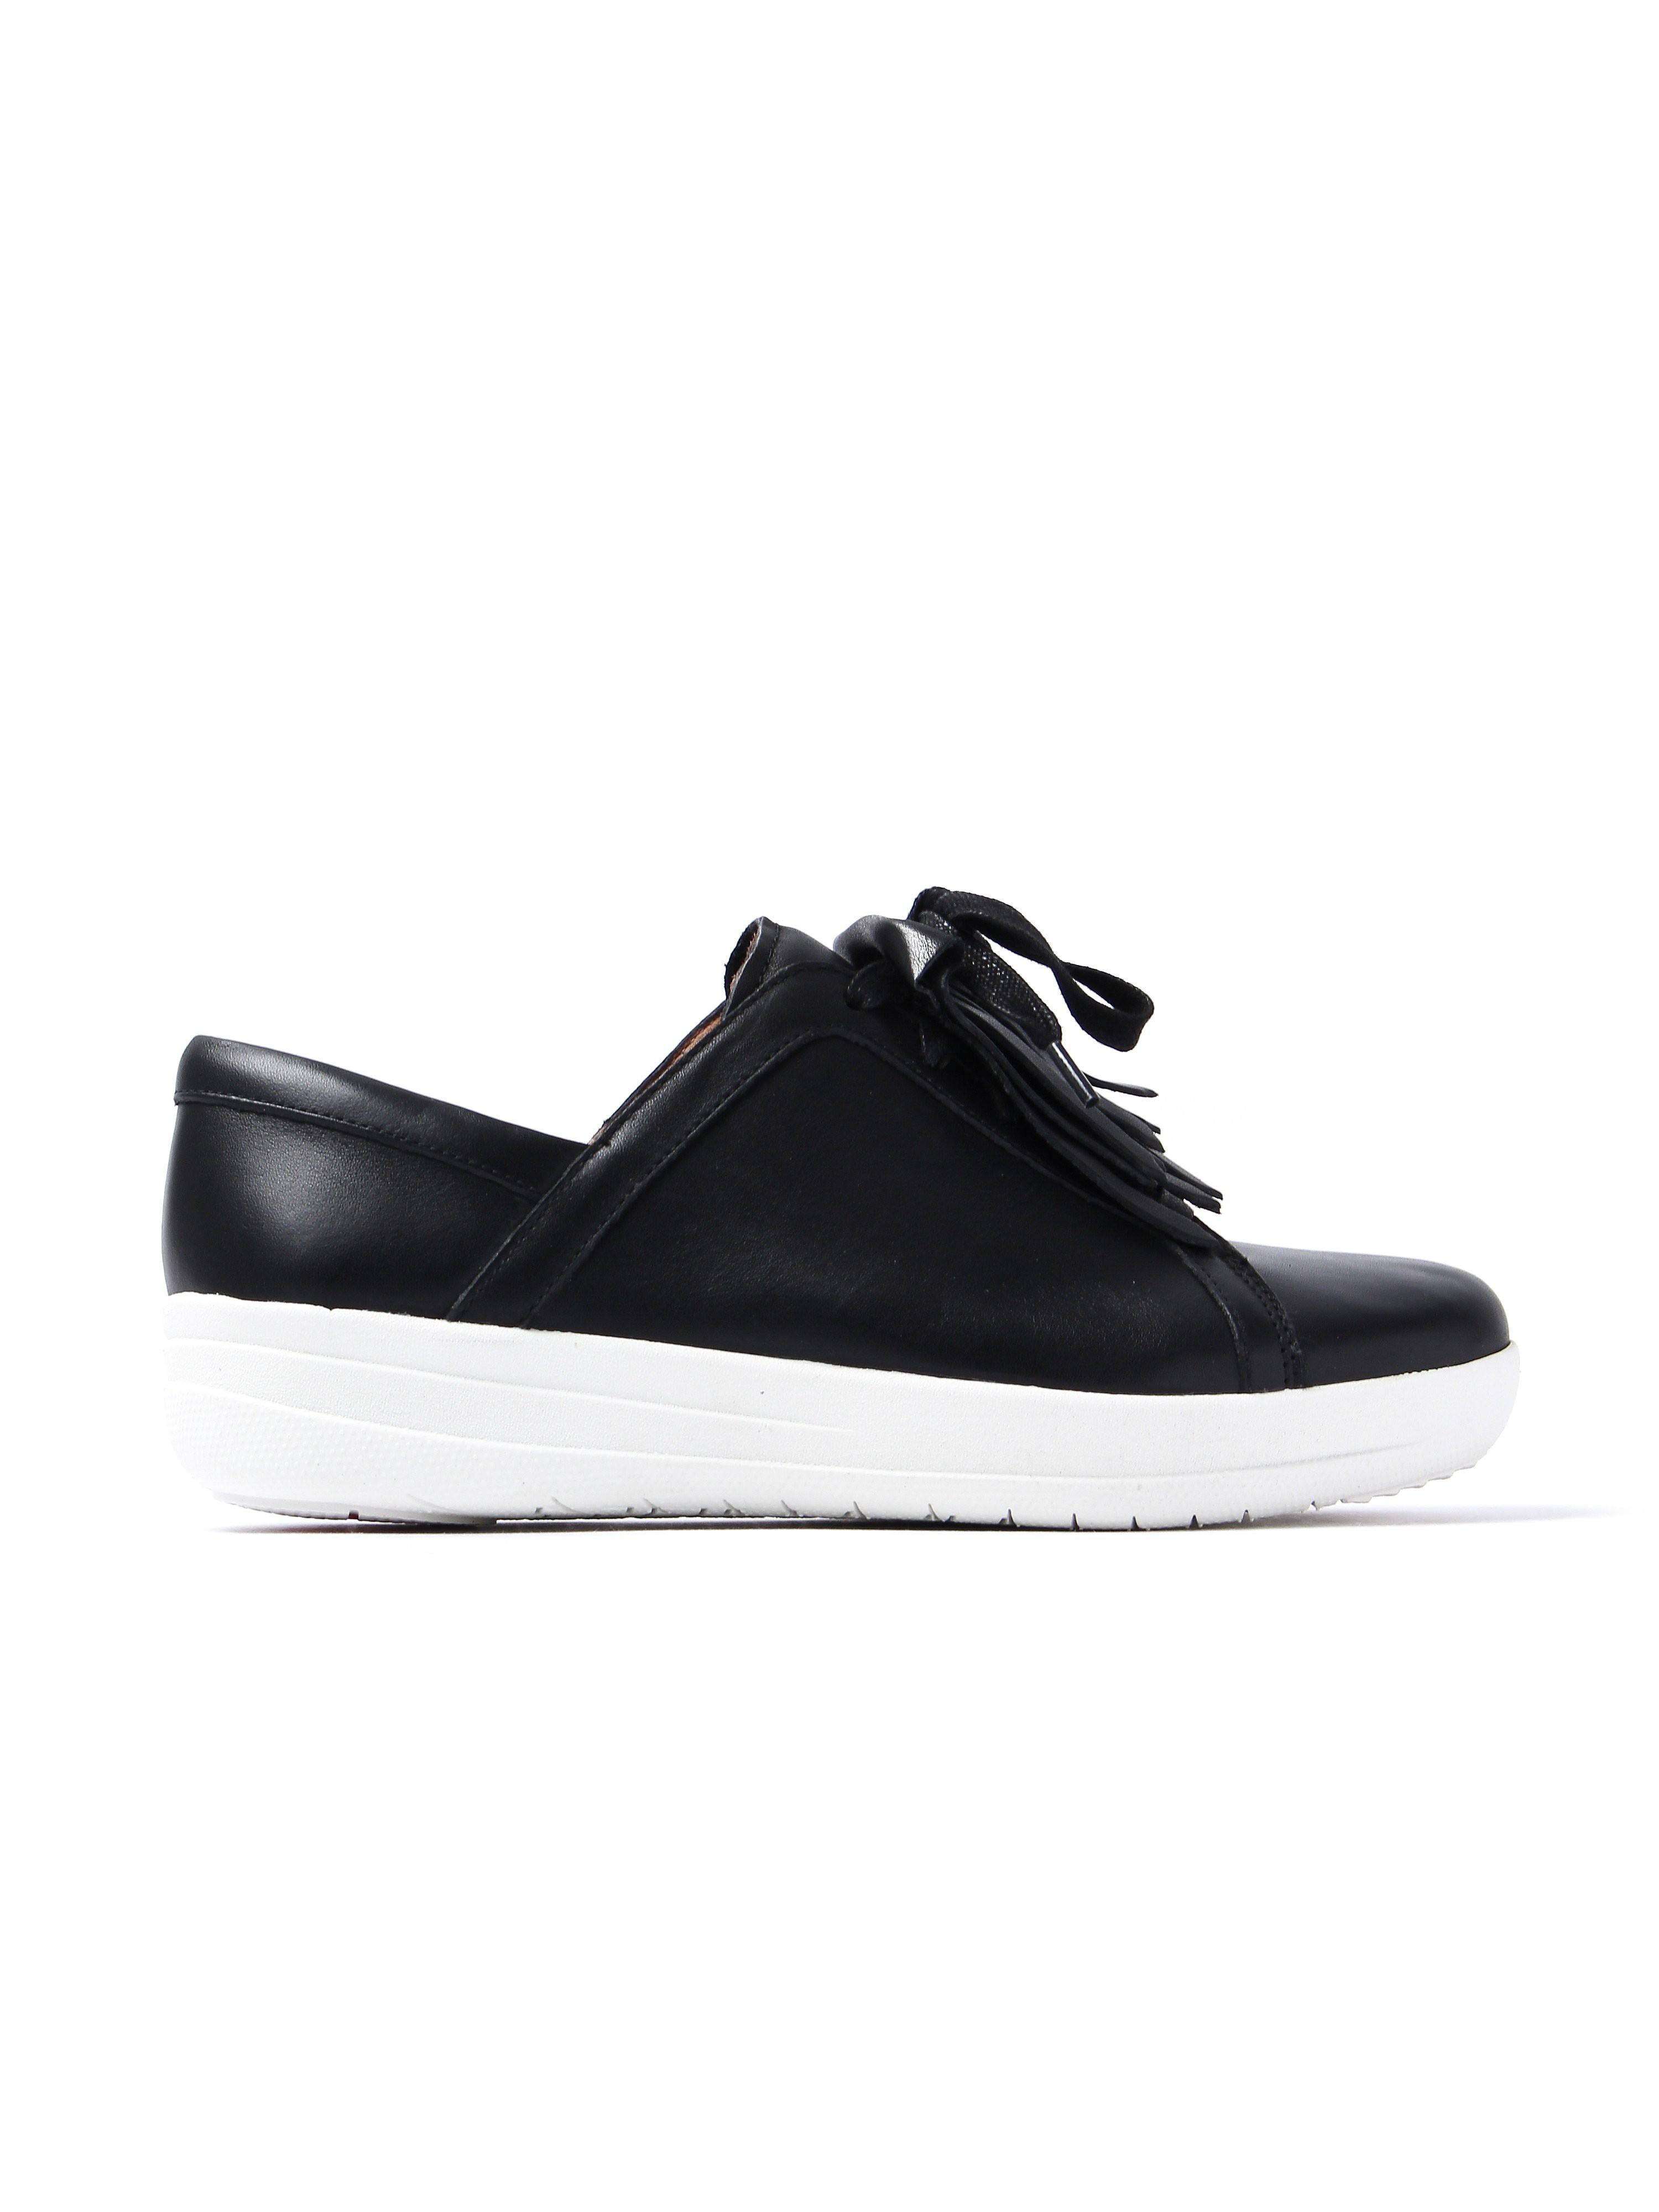 FitFlop Women's F-Sporty II Lace Up Fringe Sneaker - Black Leather